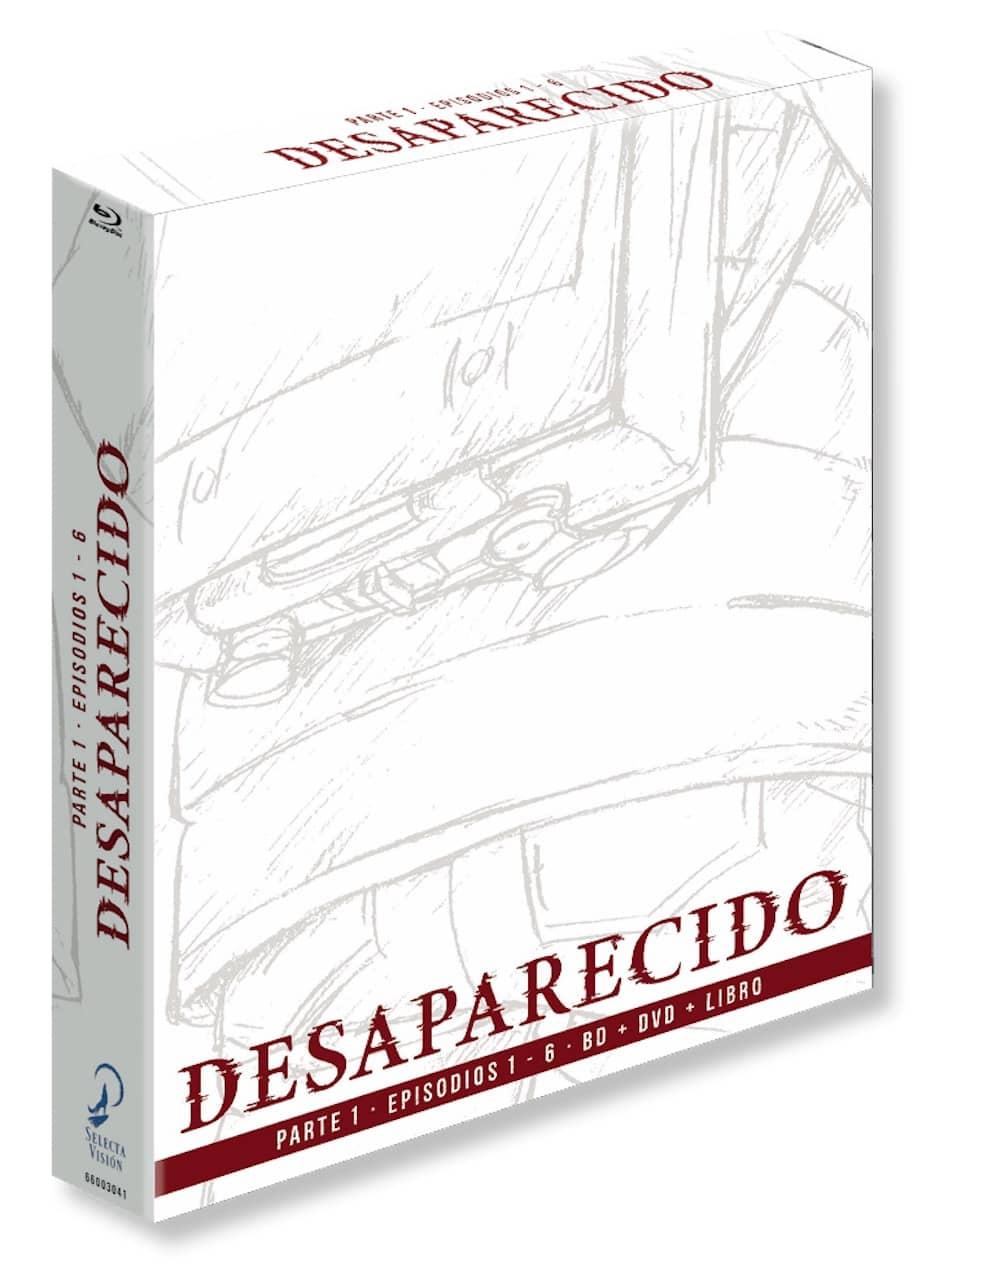 DESAPARECIDO - BLU-RAY